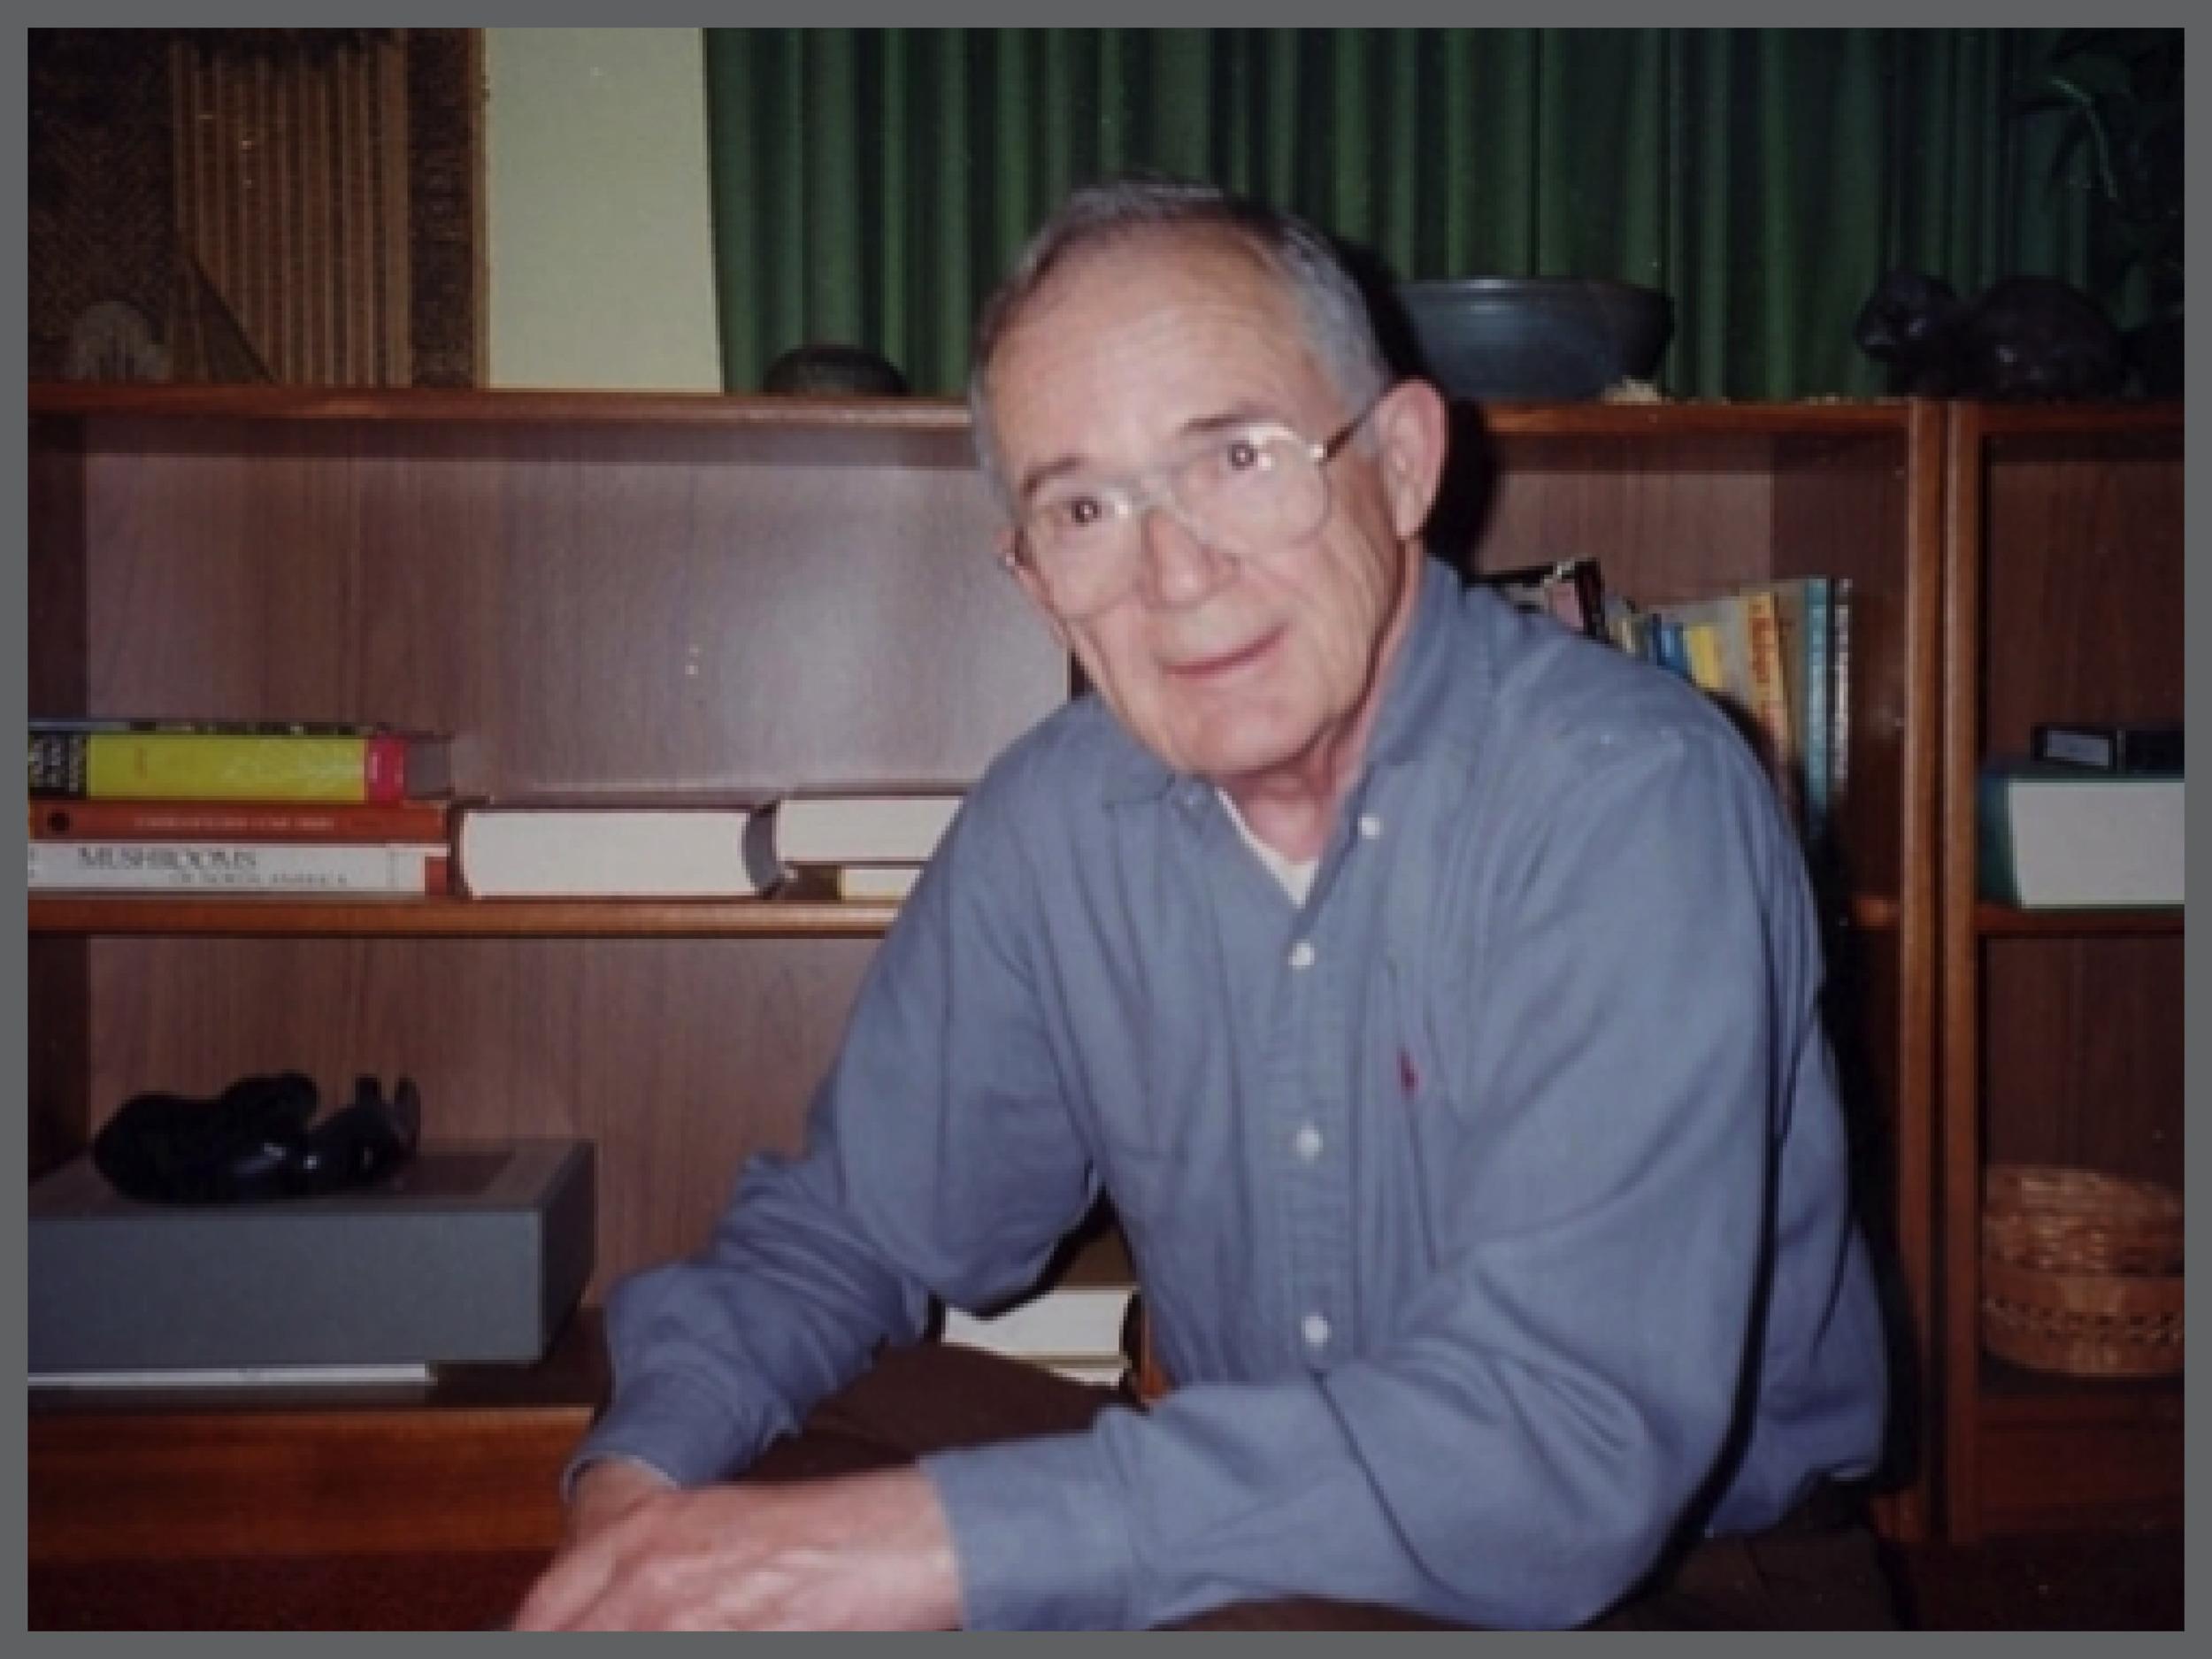 Dr. Richard Udry